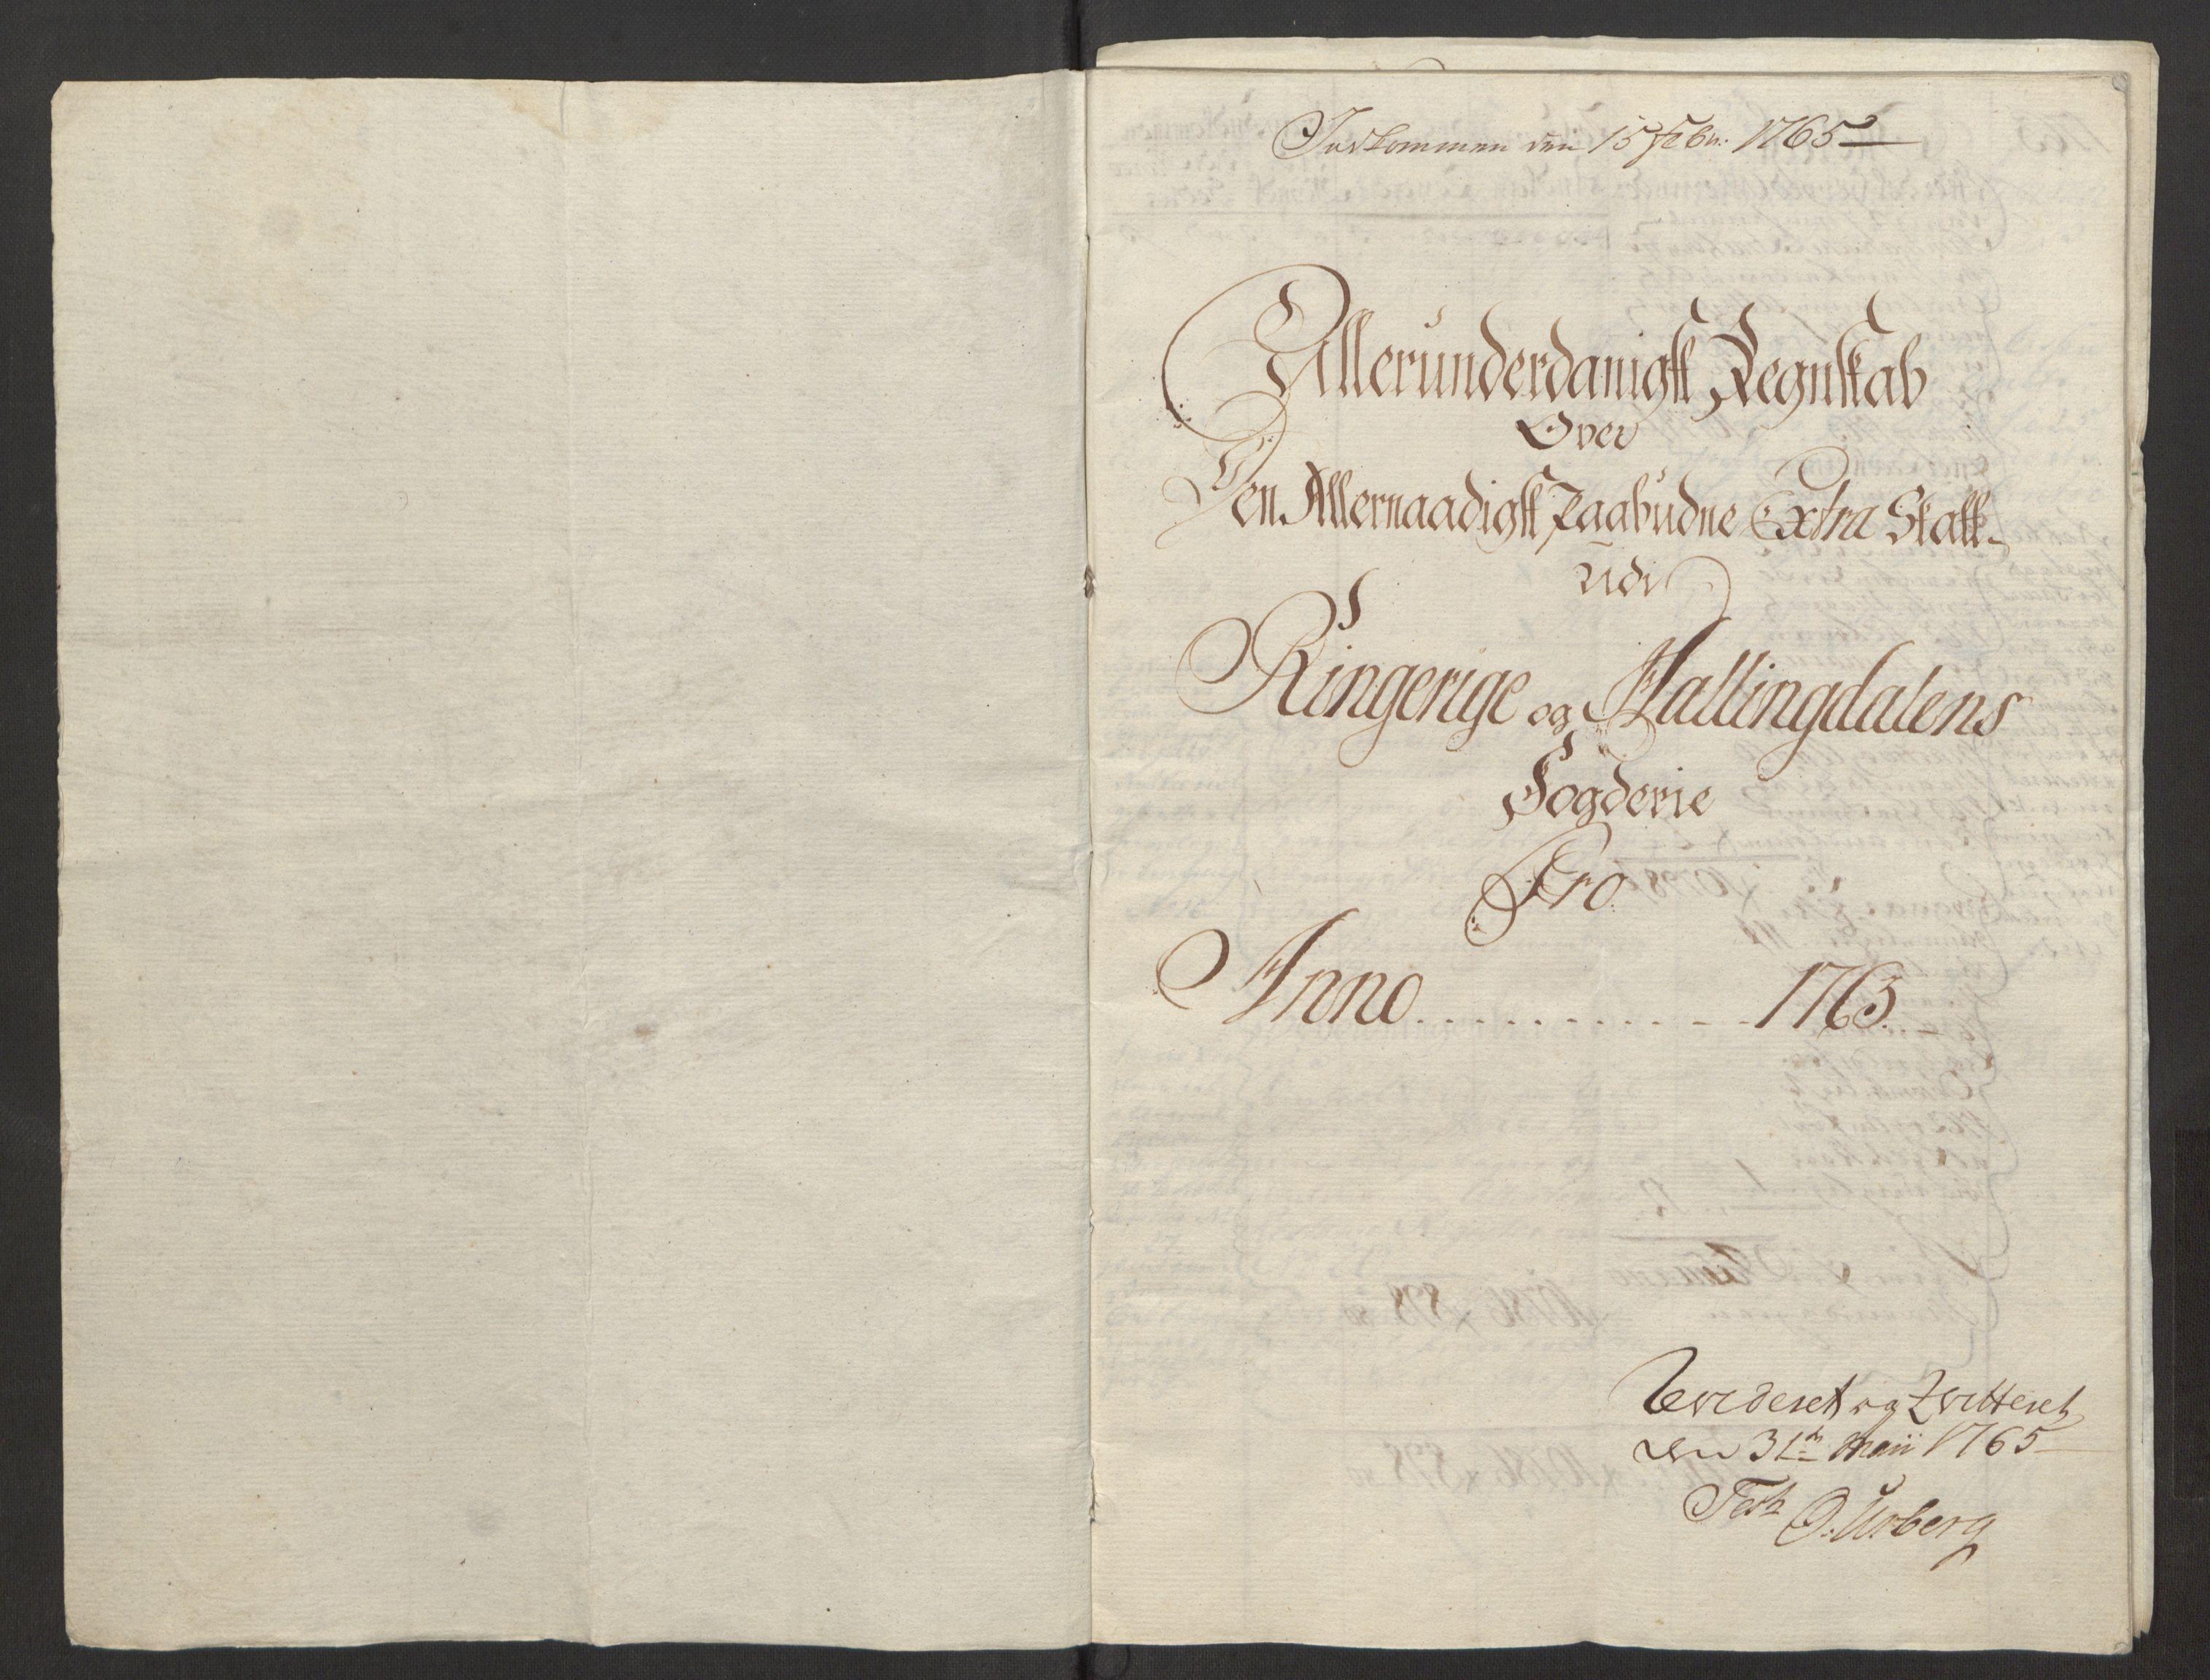 RA, Rentekammeret inntil 1814, Reviderte regnskaper, Fogderegnskap, R23/L1565: Ekstraskatten Ringerike og Hallingdal, 1762-1763, s. 341